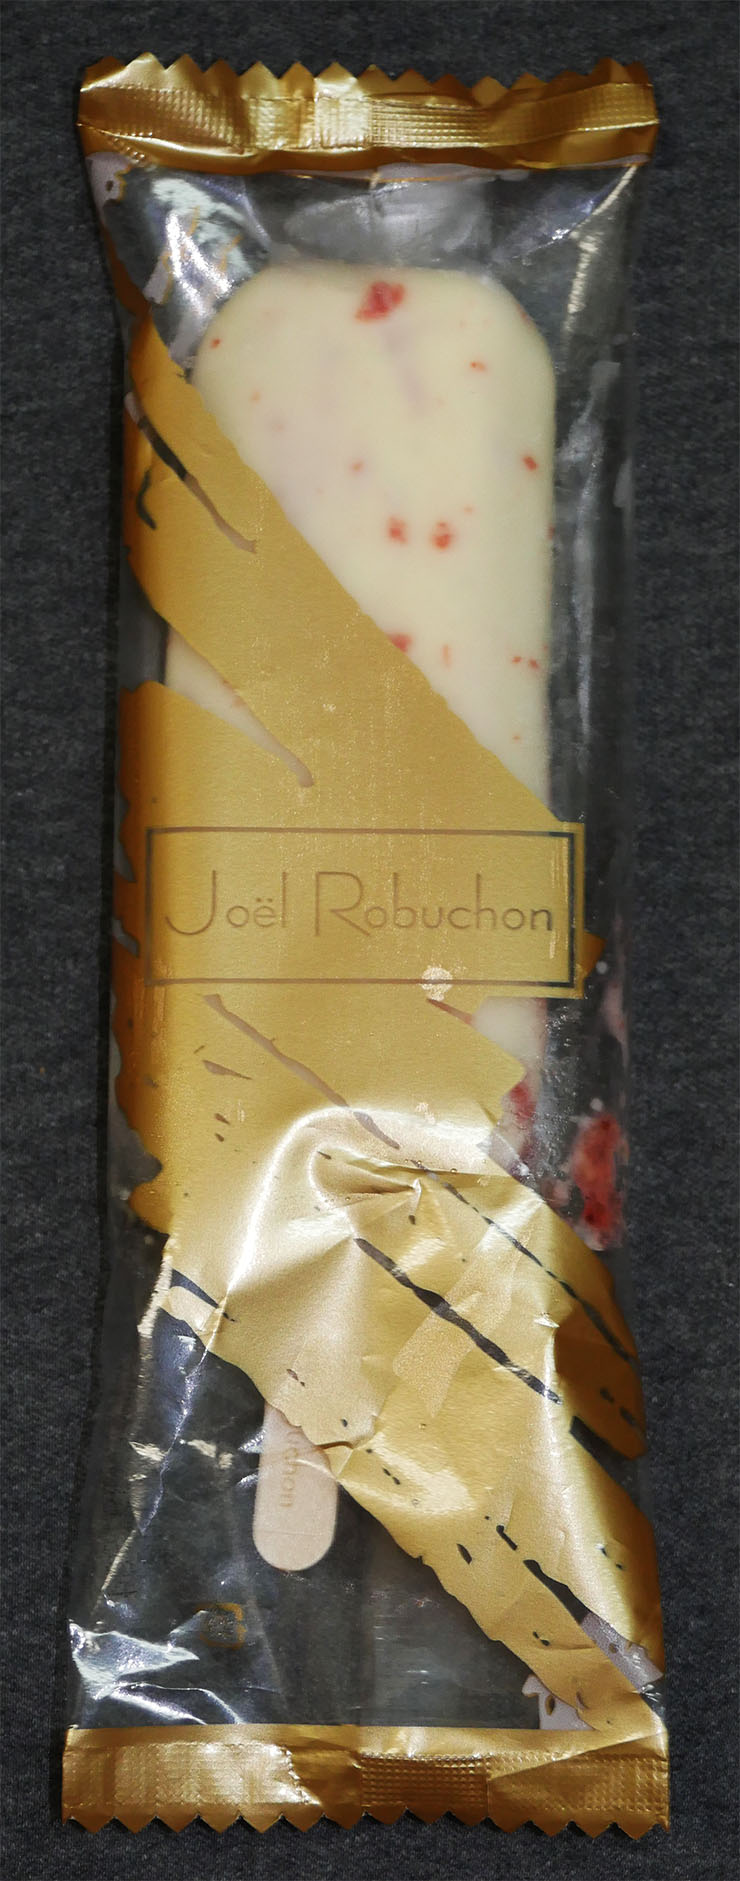 joel-robuchon-ice3